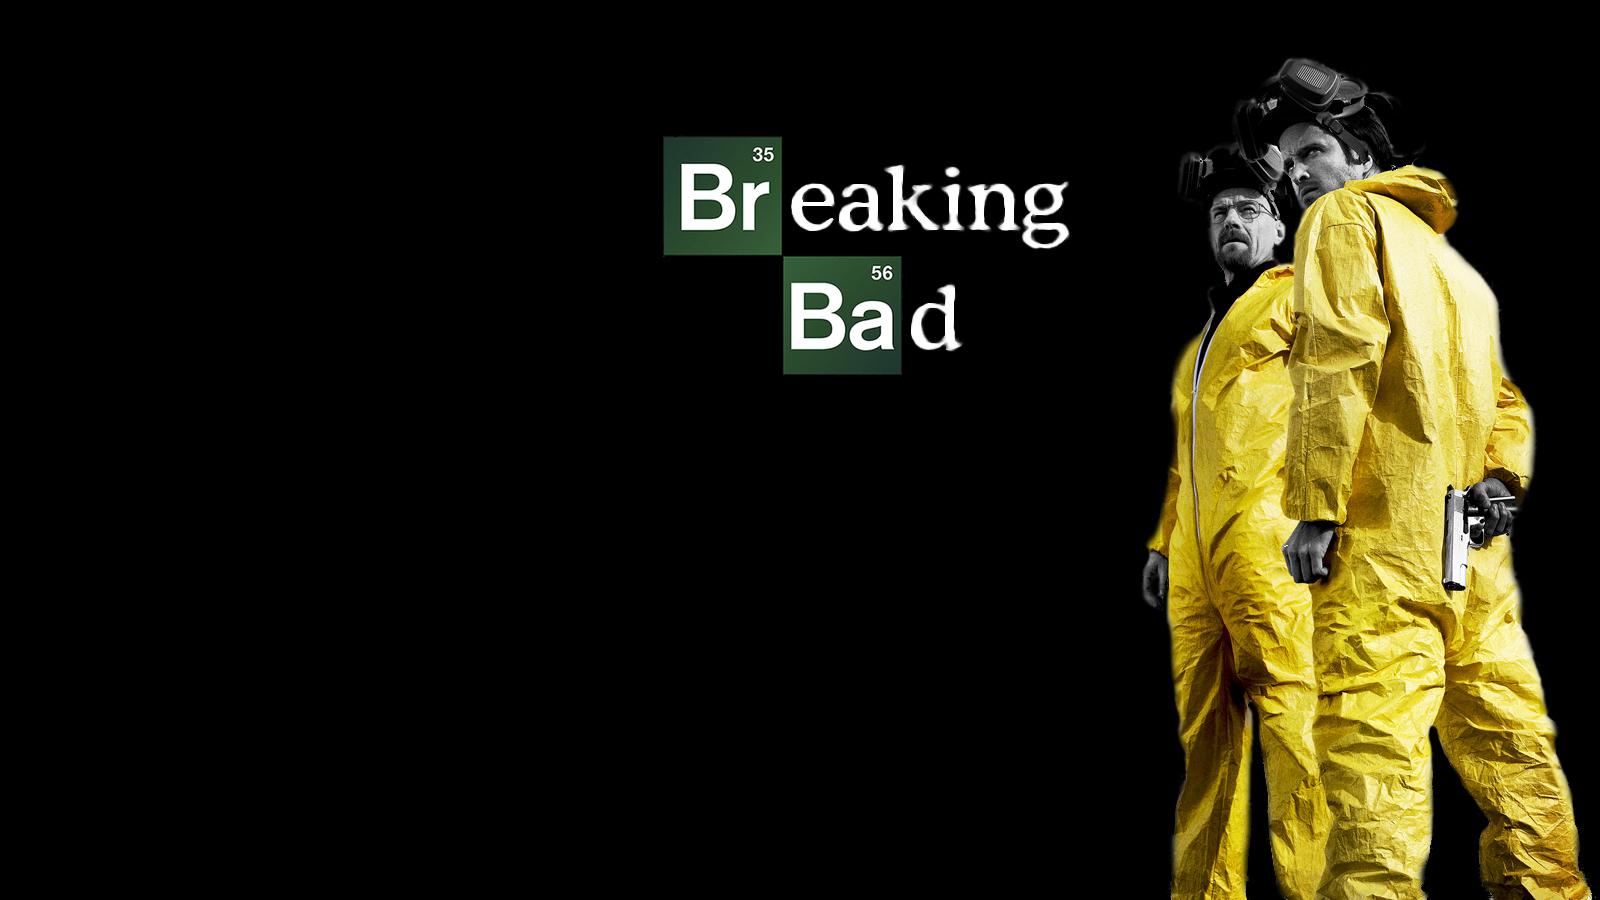 Breaking bad wallpaper 1080p wallpapersafari - Bad wallpaper ...